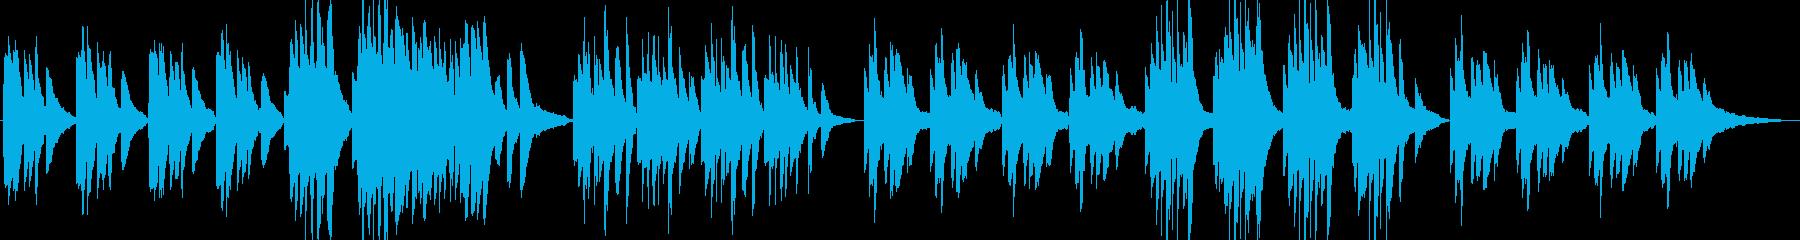 【劇伴】事情を静かに説明_ピアノ曲の再生済みの波形